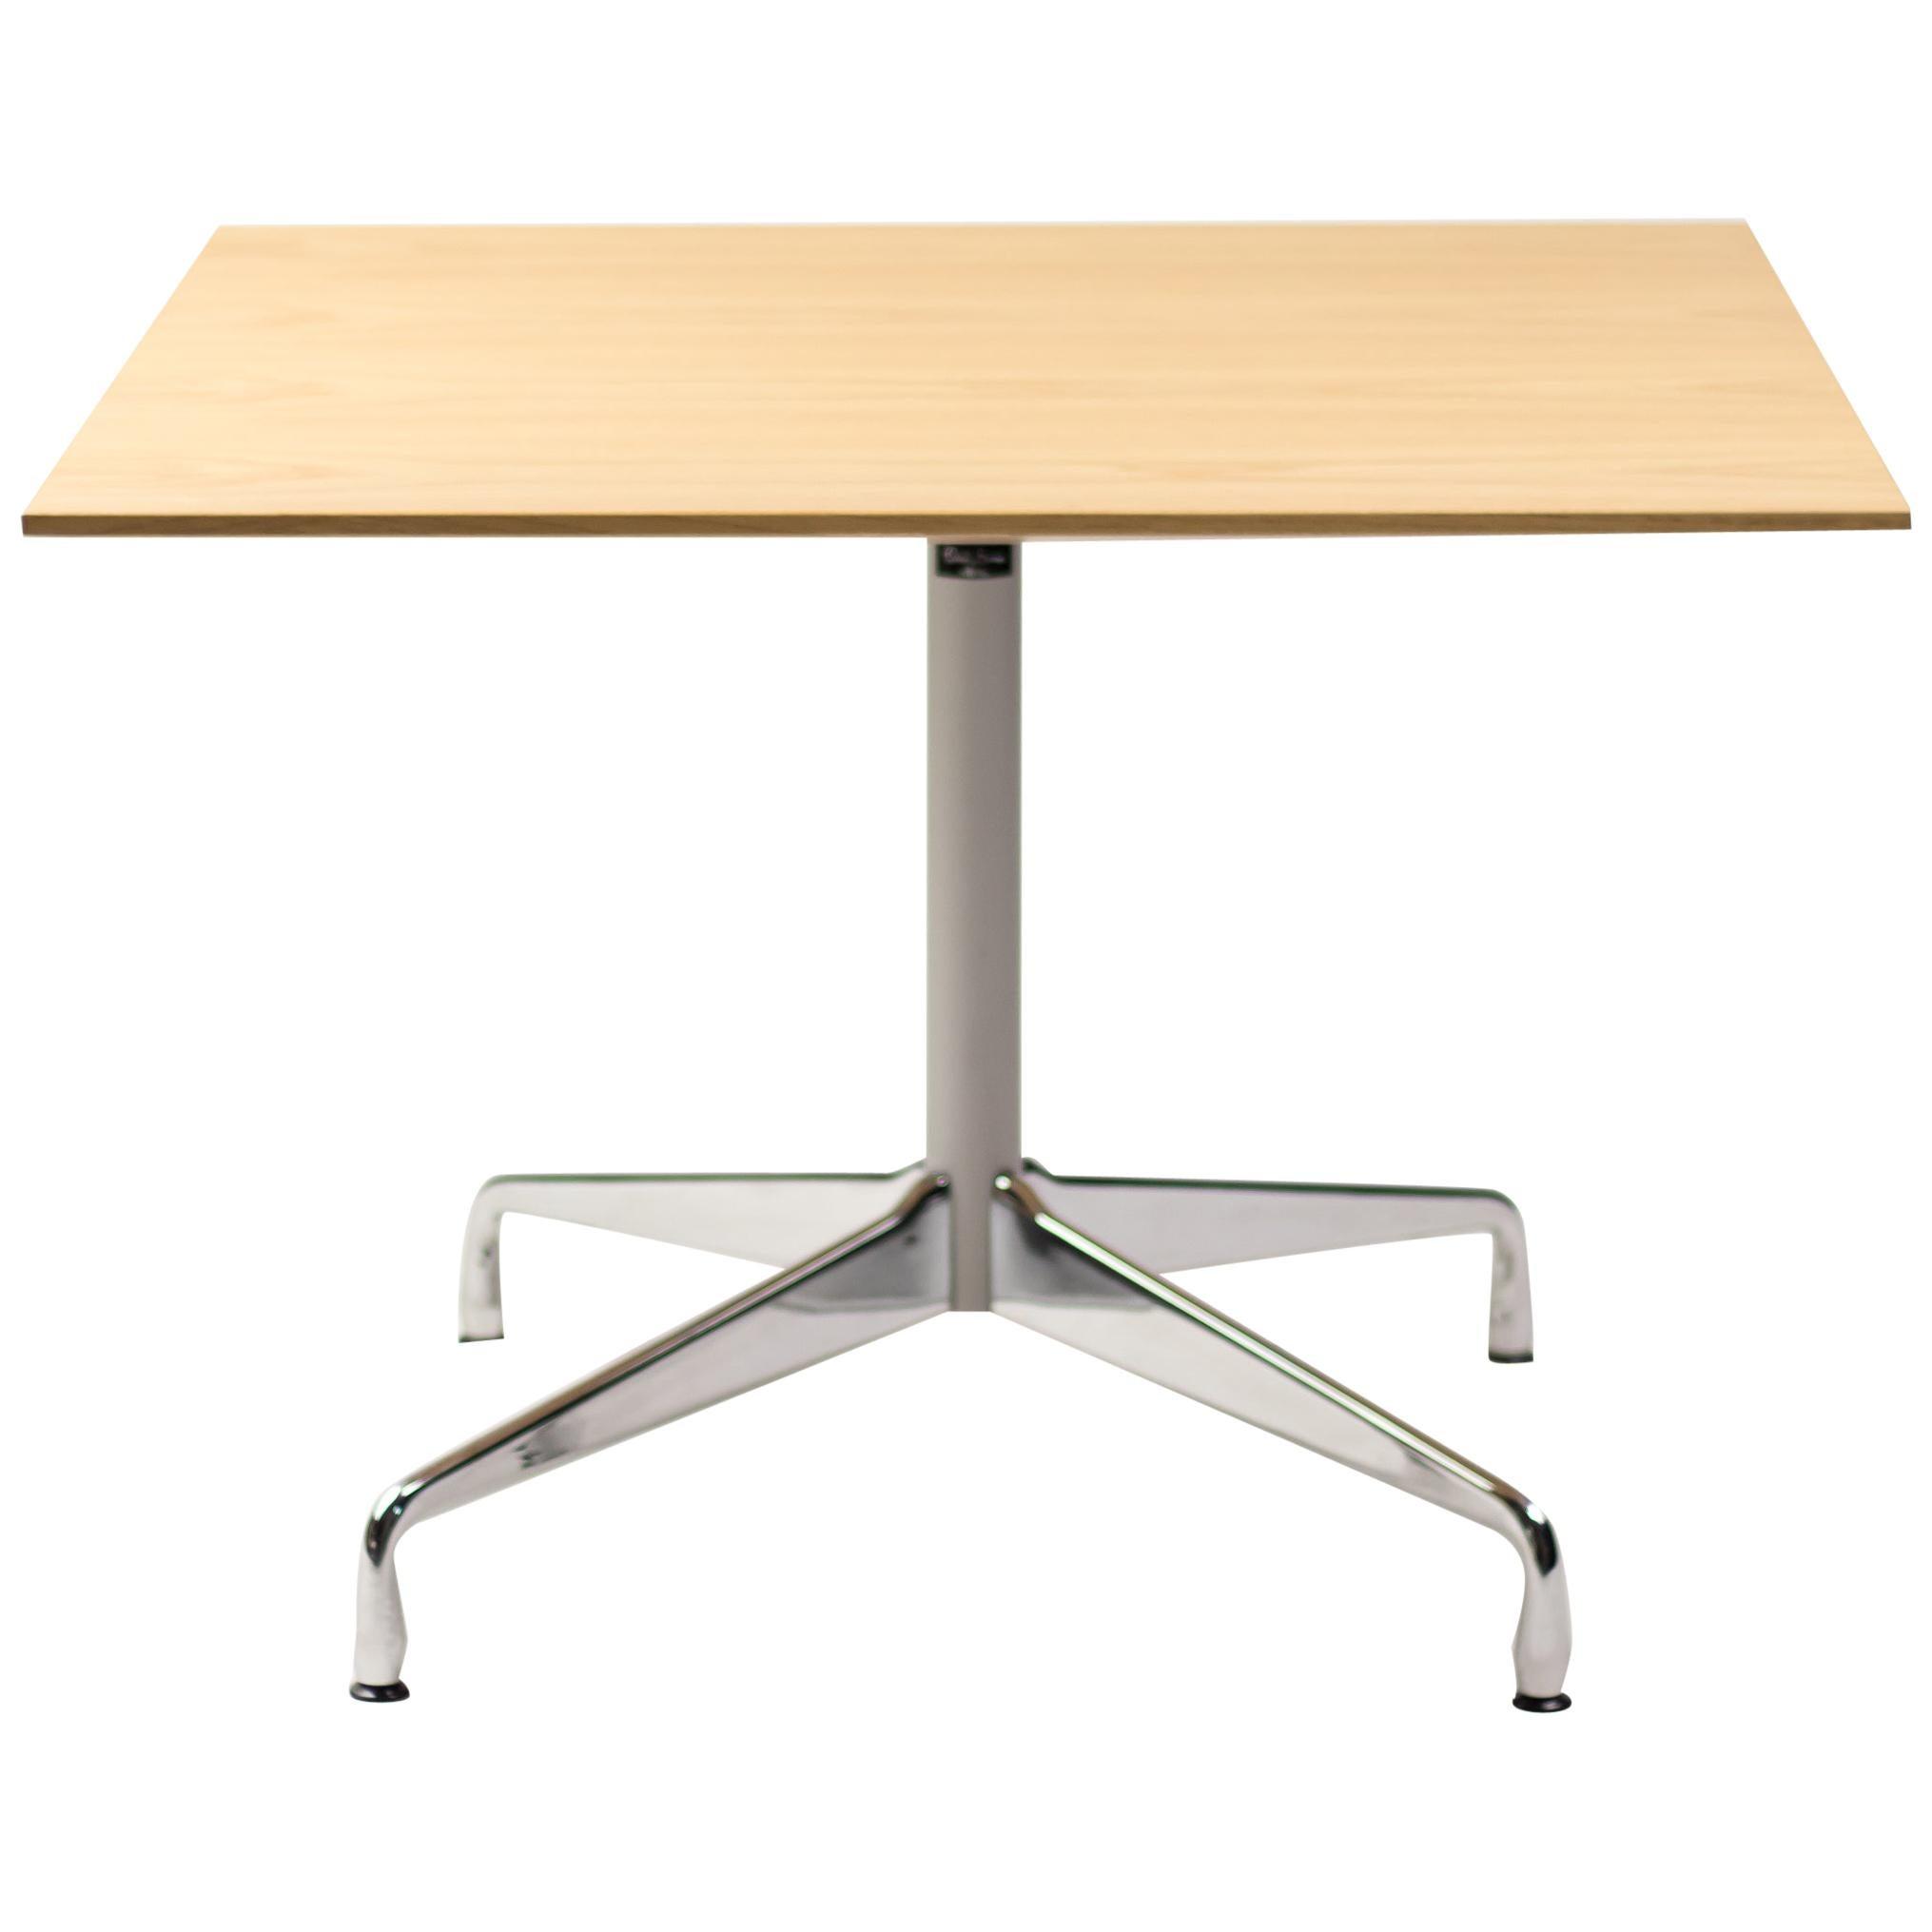 Charles Eames Segmented Base Table